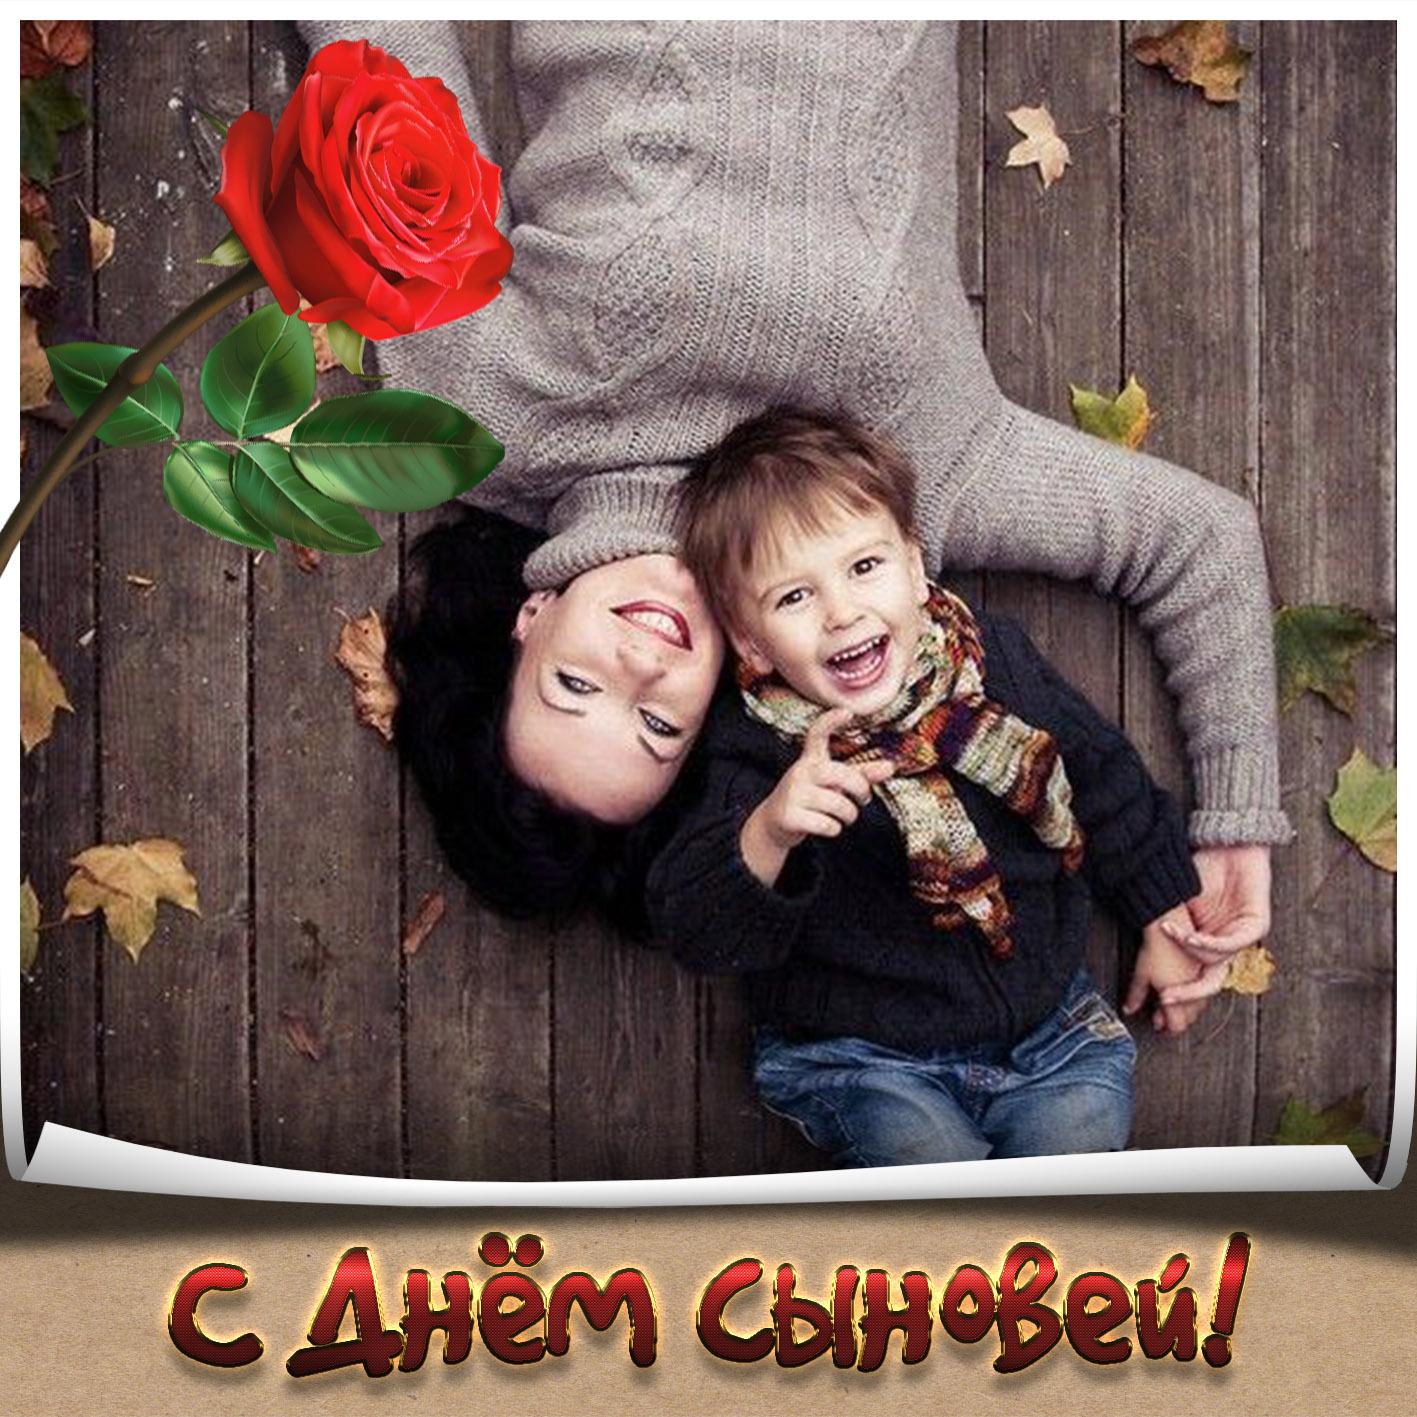 https://kartinki-life.ru/articles/2018/10/04/krasivye-otkrytki-kartinki-na-den-synovey-chast-1-aya-3.jpg